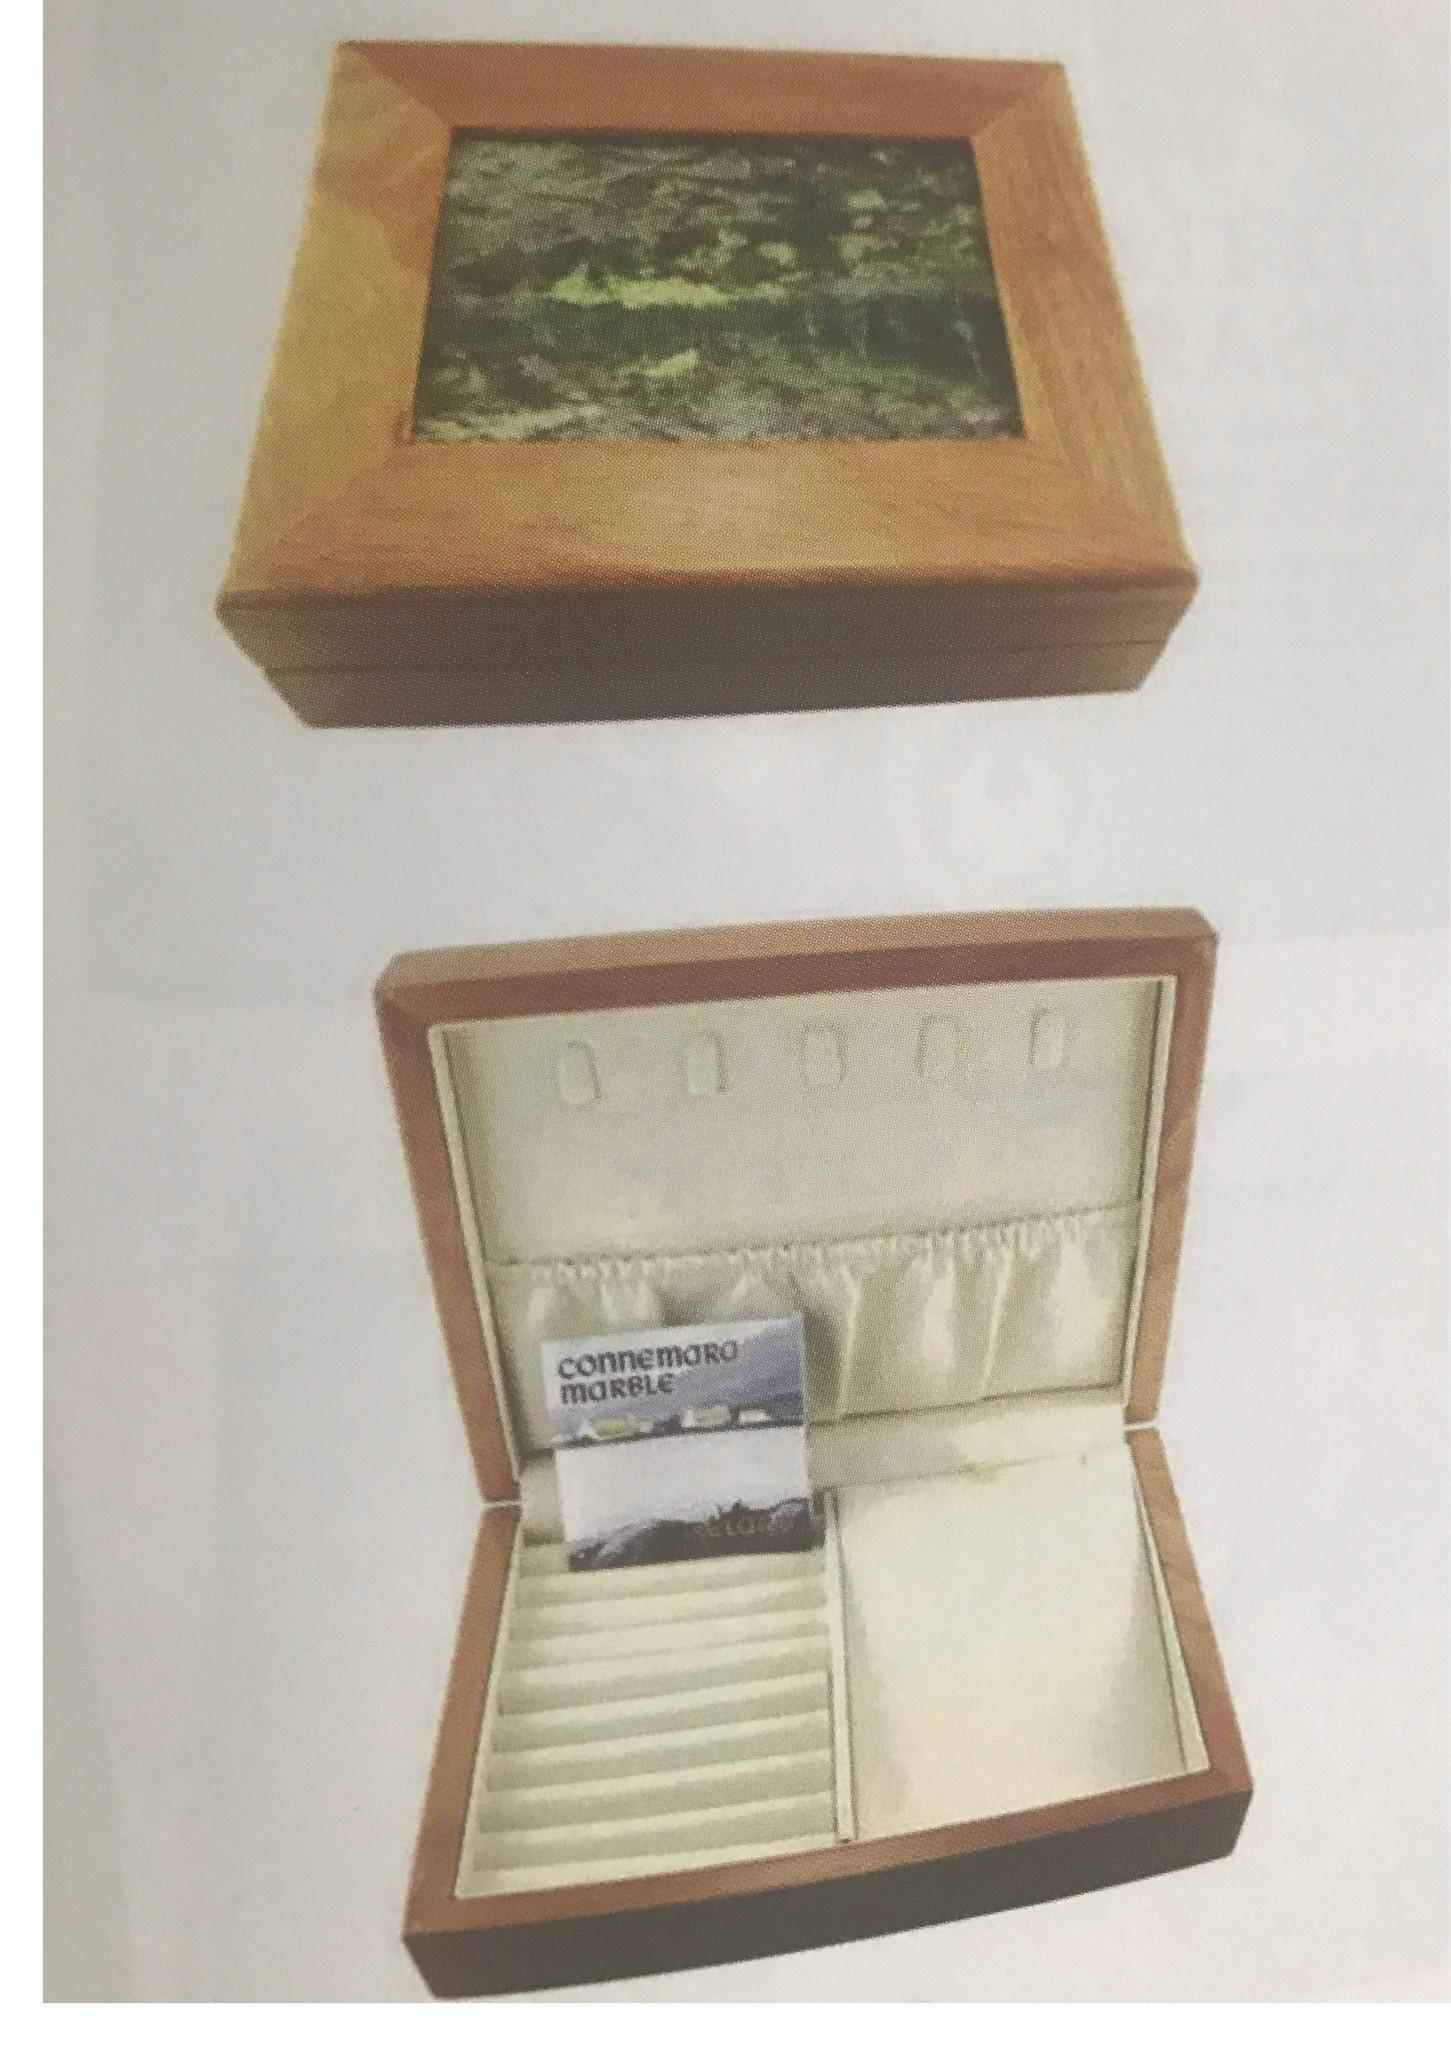 Connemara Marble Jewelry Box: Connemara Marble